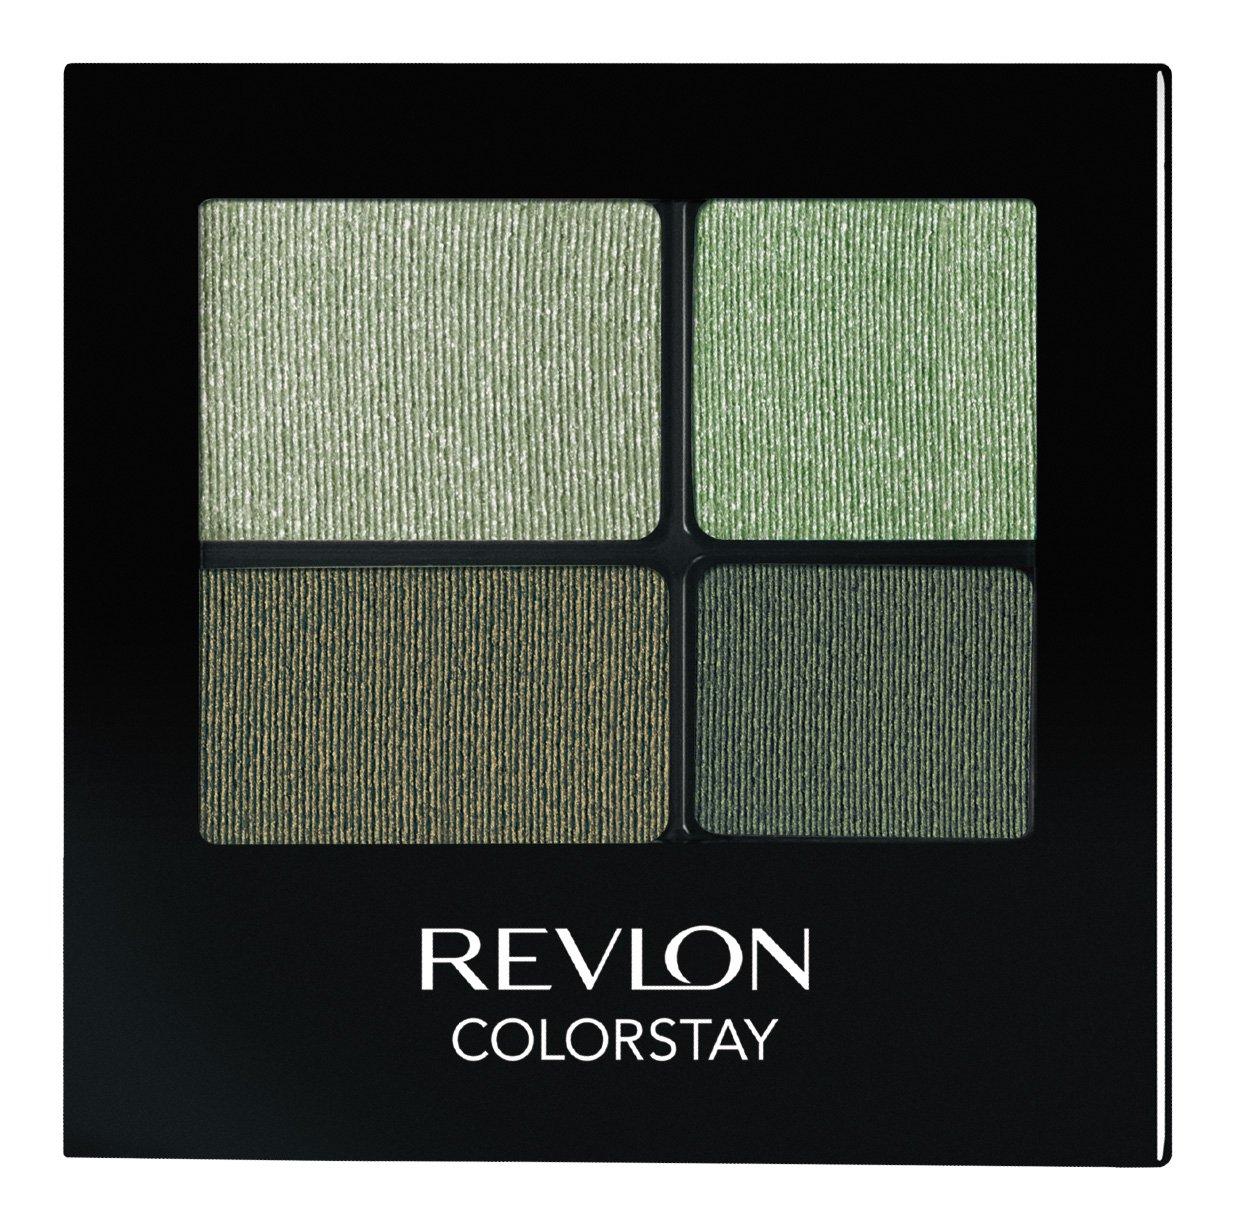 REVLON Colorstay 16 Hour Eye Shadow Quad, Luscious, 0.16 Ounce